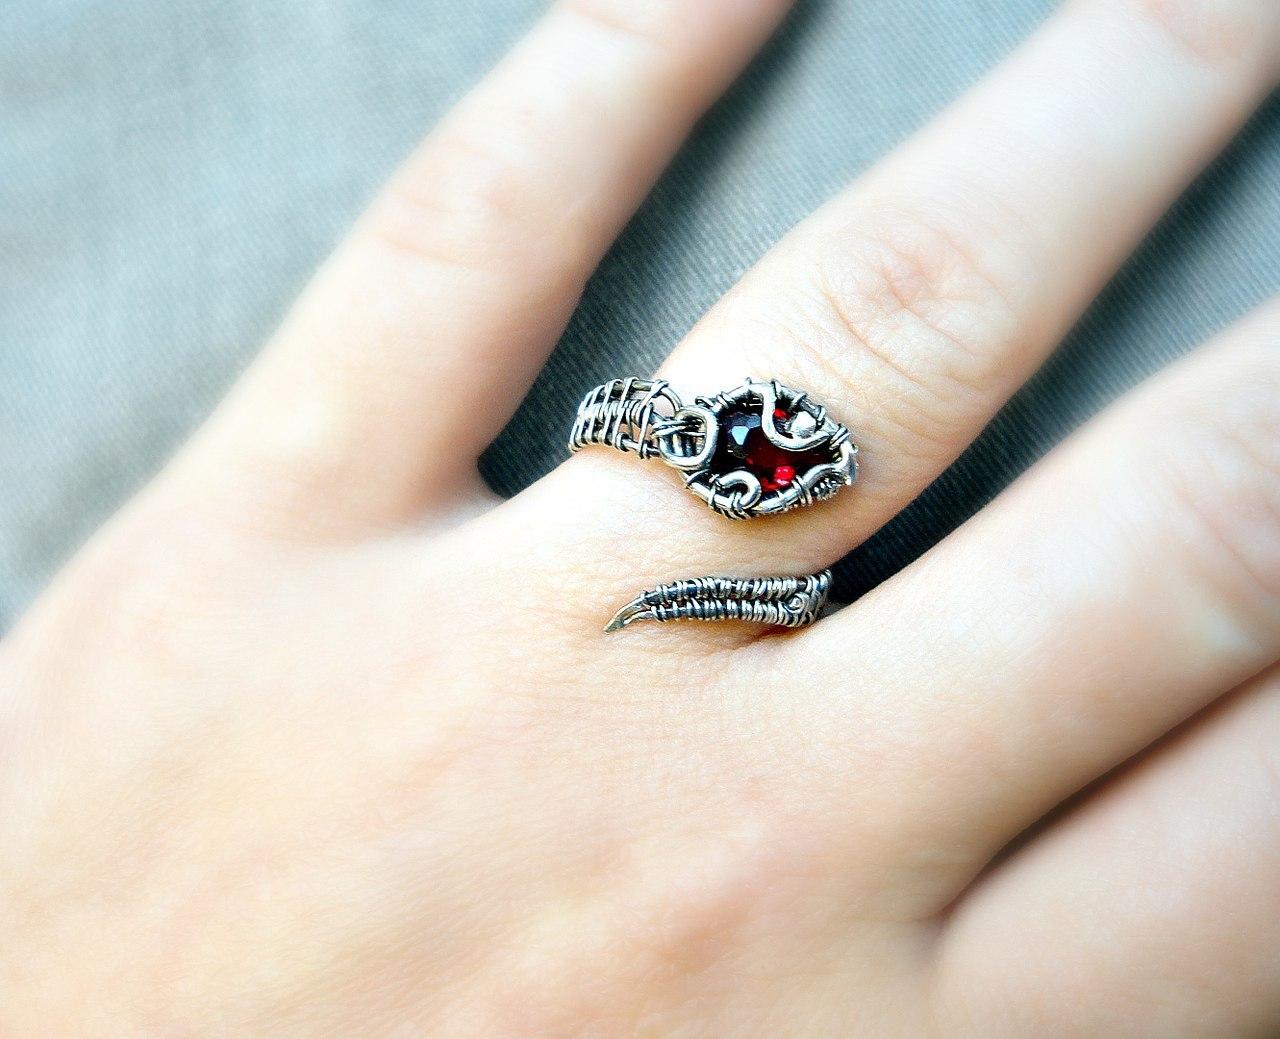 Оригинальное кольцо своими руками фото 964